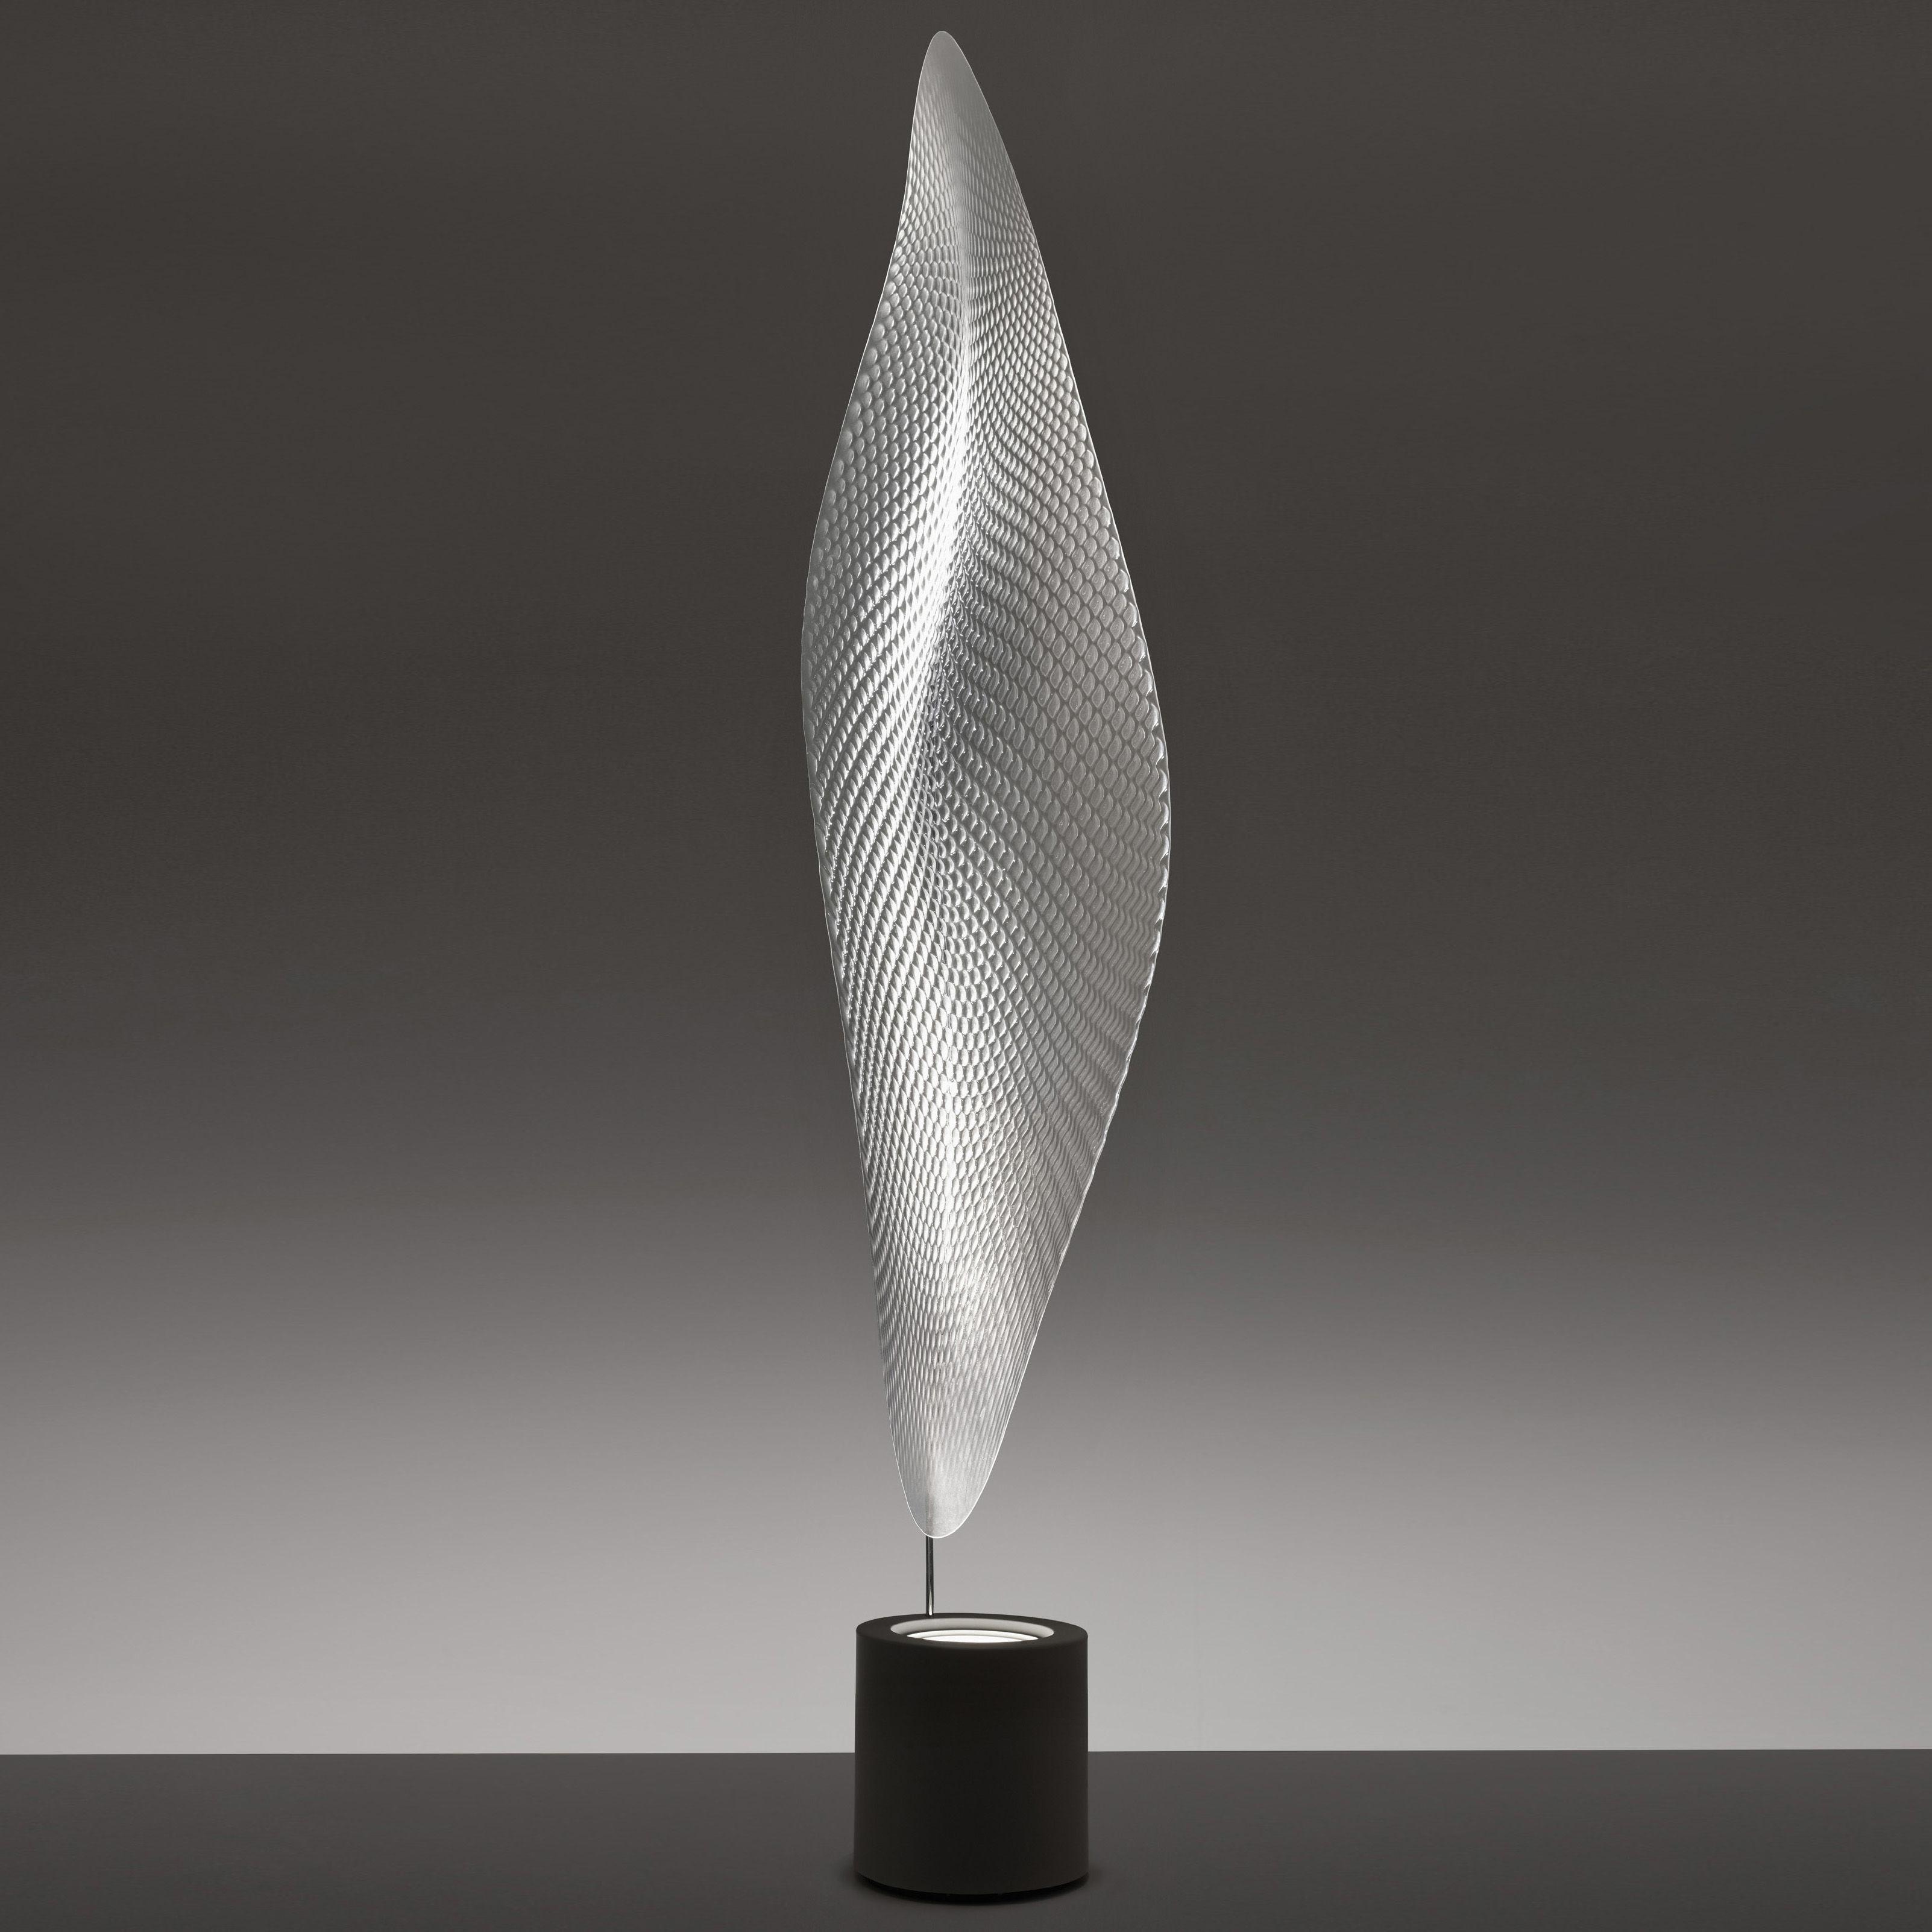 Luminaire - Lampadaires - Lampadaire Cosmic leaf - Artemide - Base grise / Diffuseur transparent - Métal, Méthacrylate